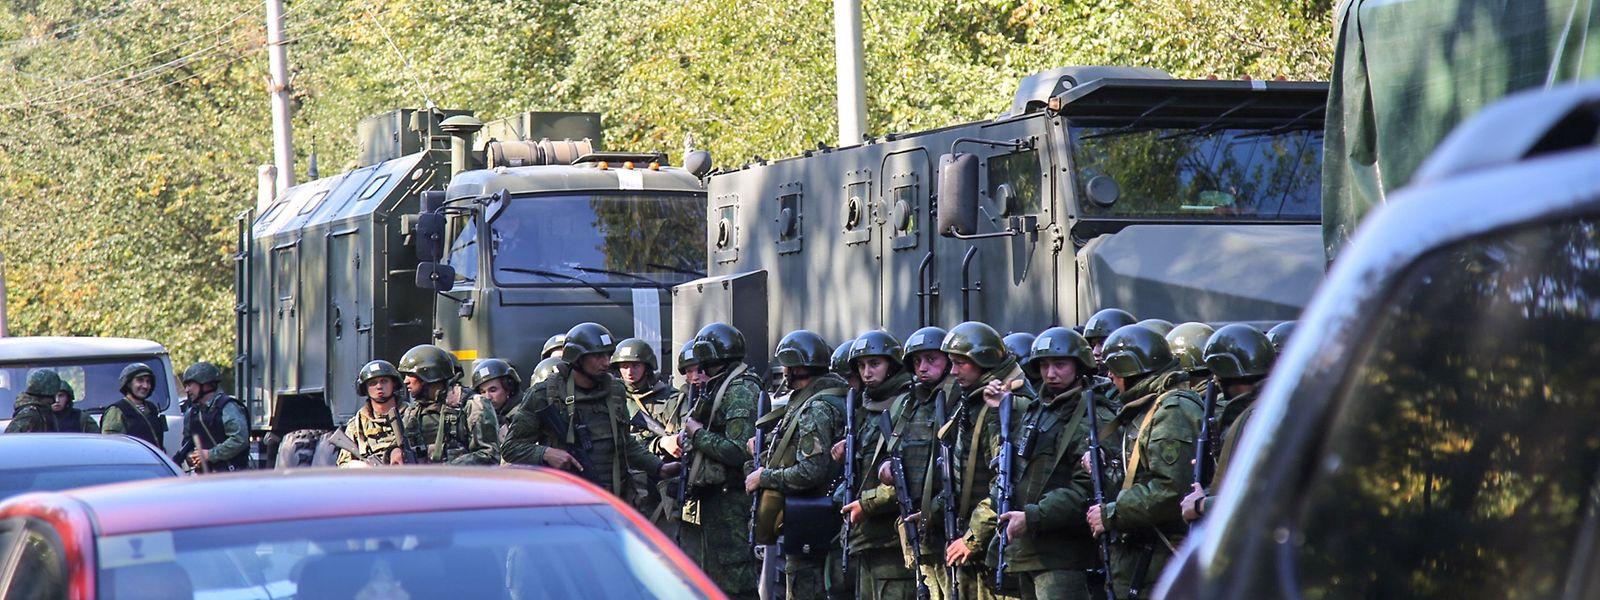 Armee und Polizei sperrten den Ort der Explosion weiträumig ab.